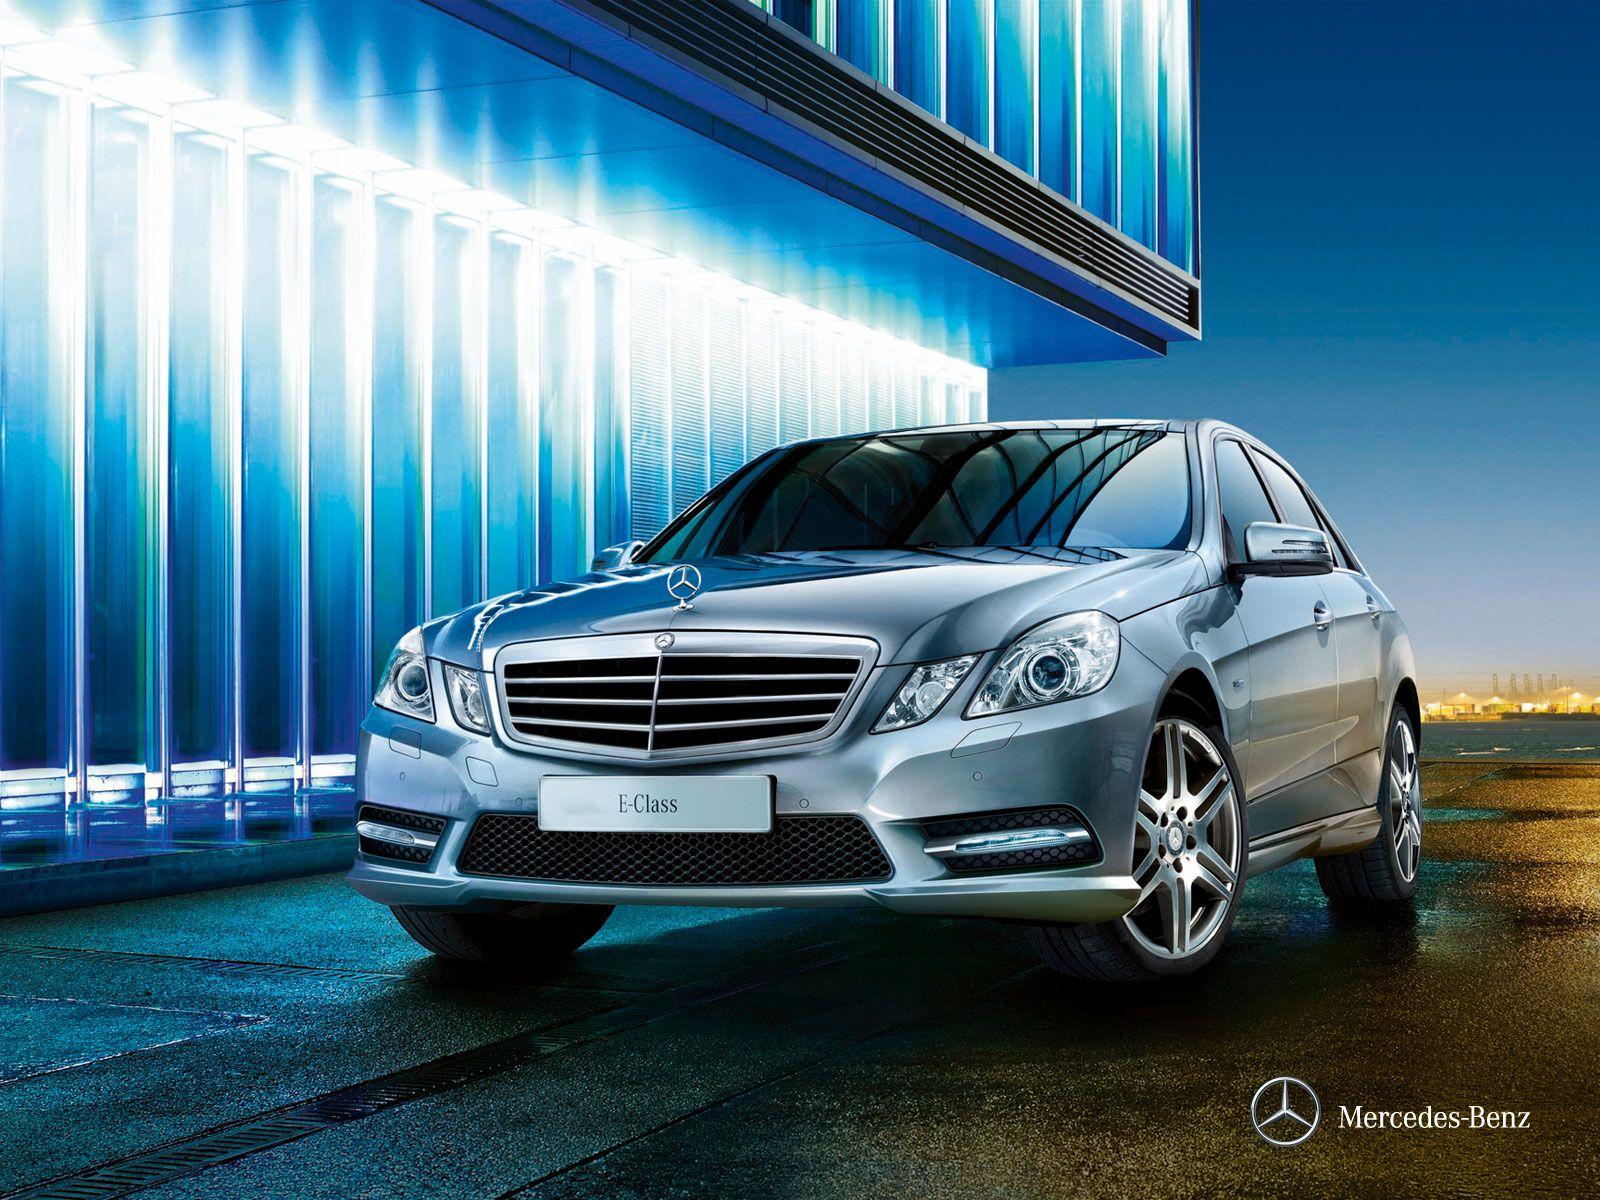 EVO PRO Mercedes E Class premium in car entertainment